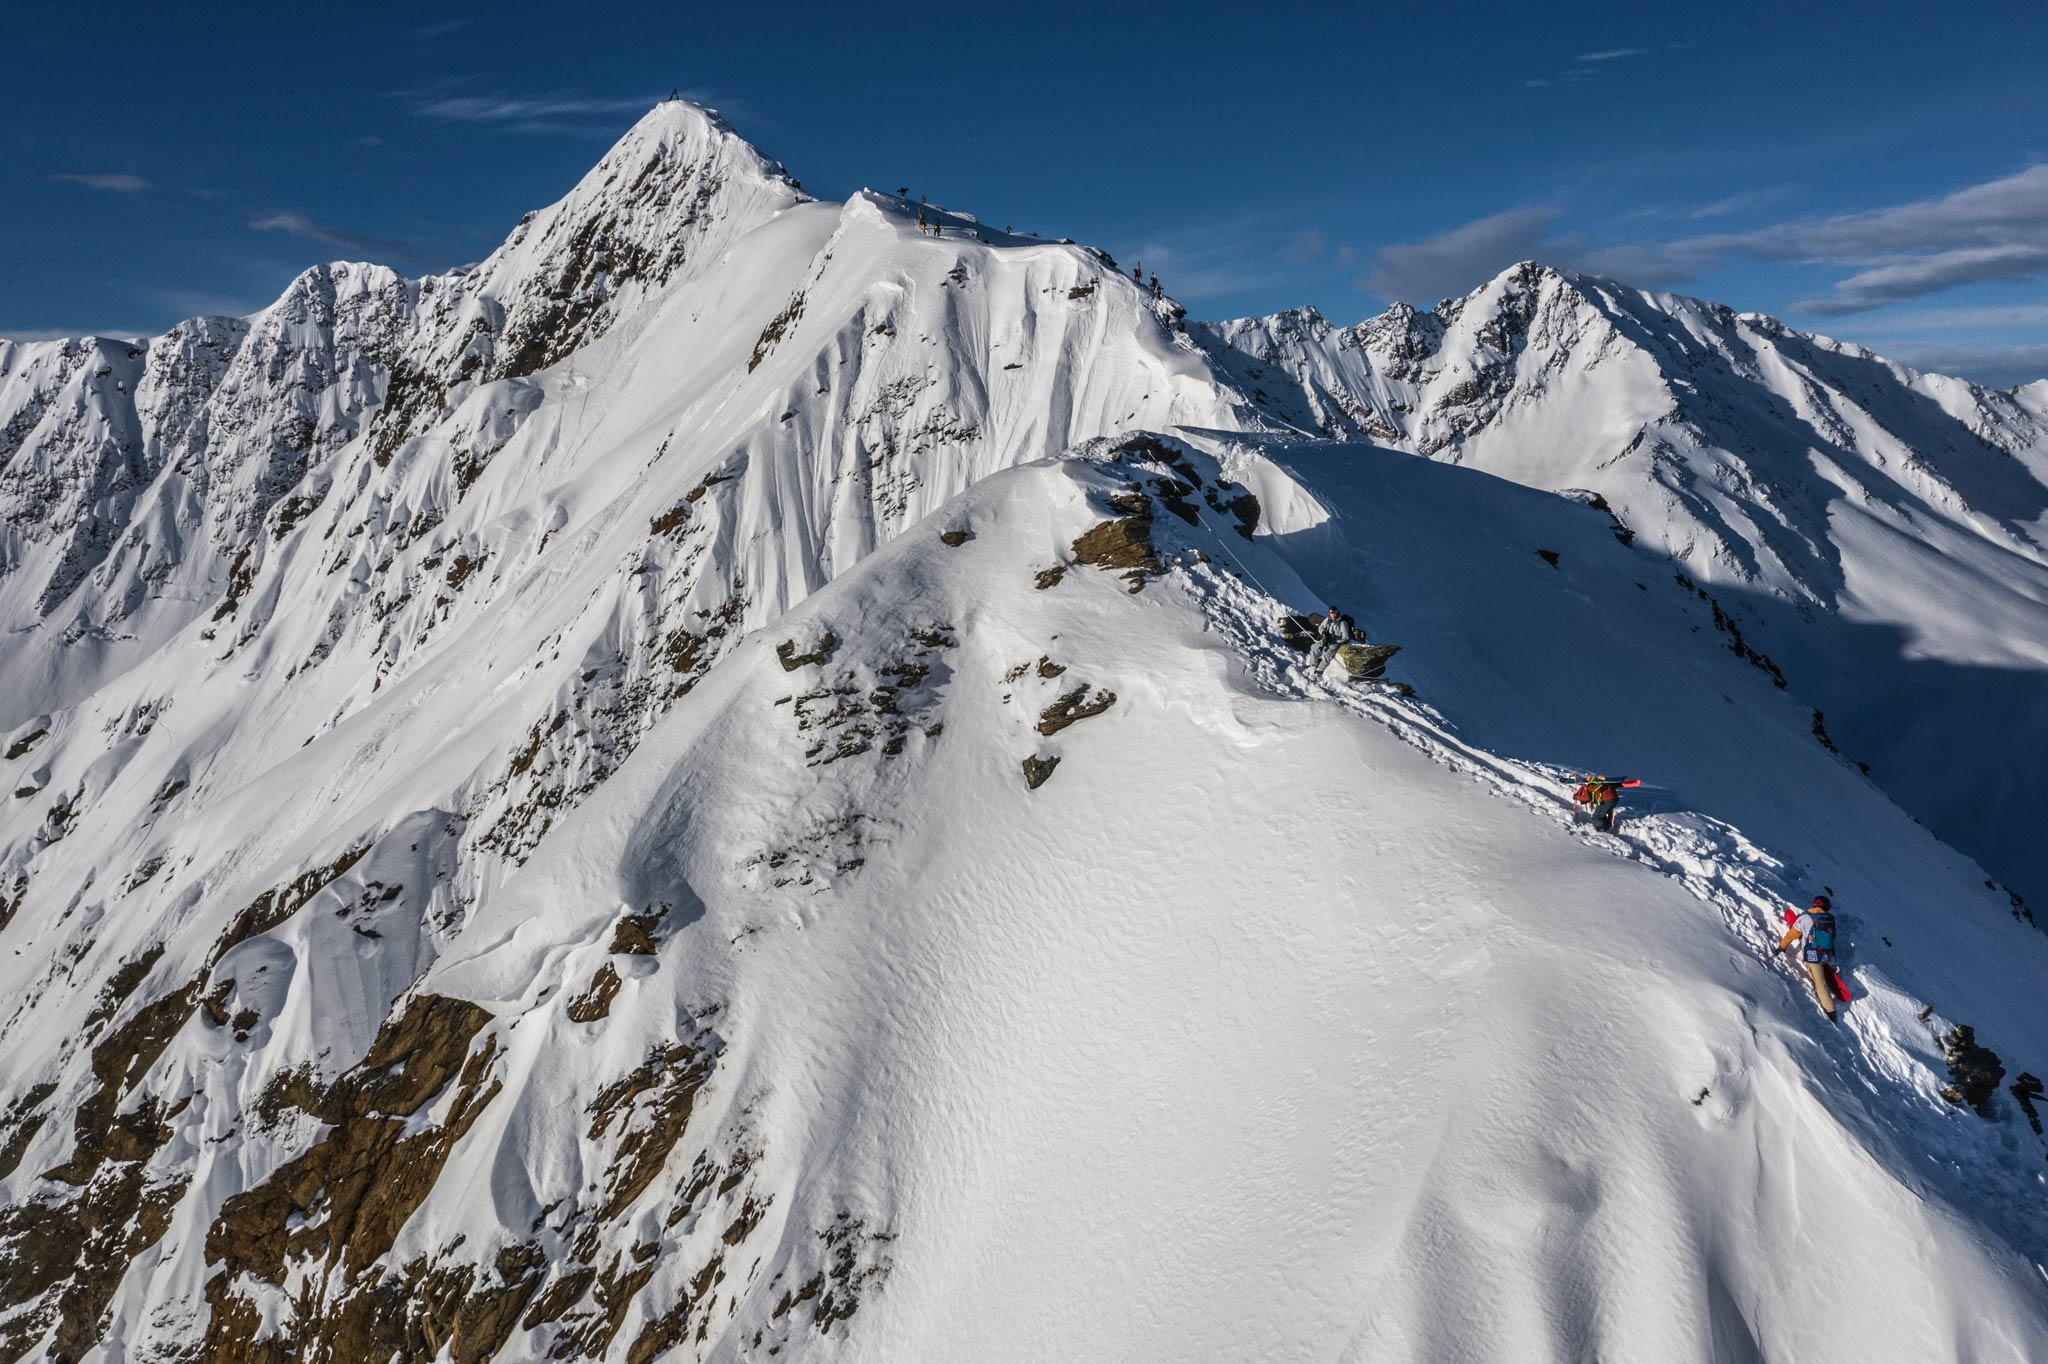 Die Quellspitze bietet viele Optionen für die Freerider. - Foto: Sebastian Marko